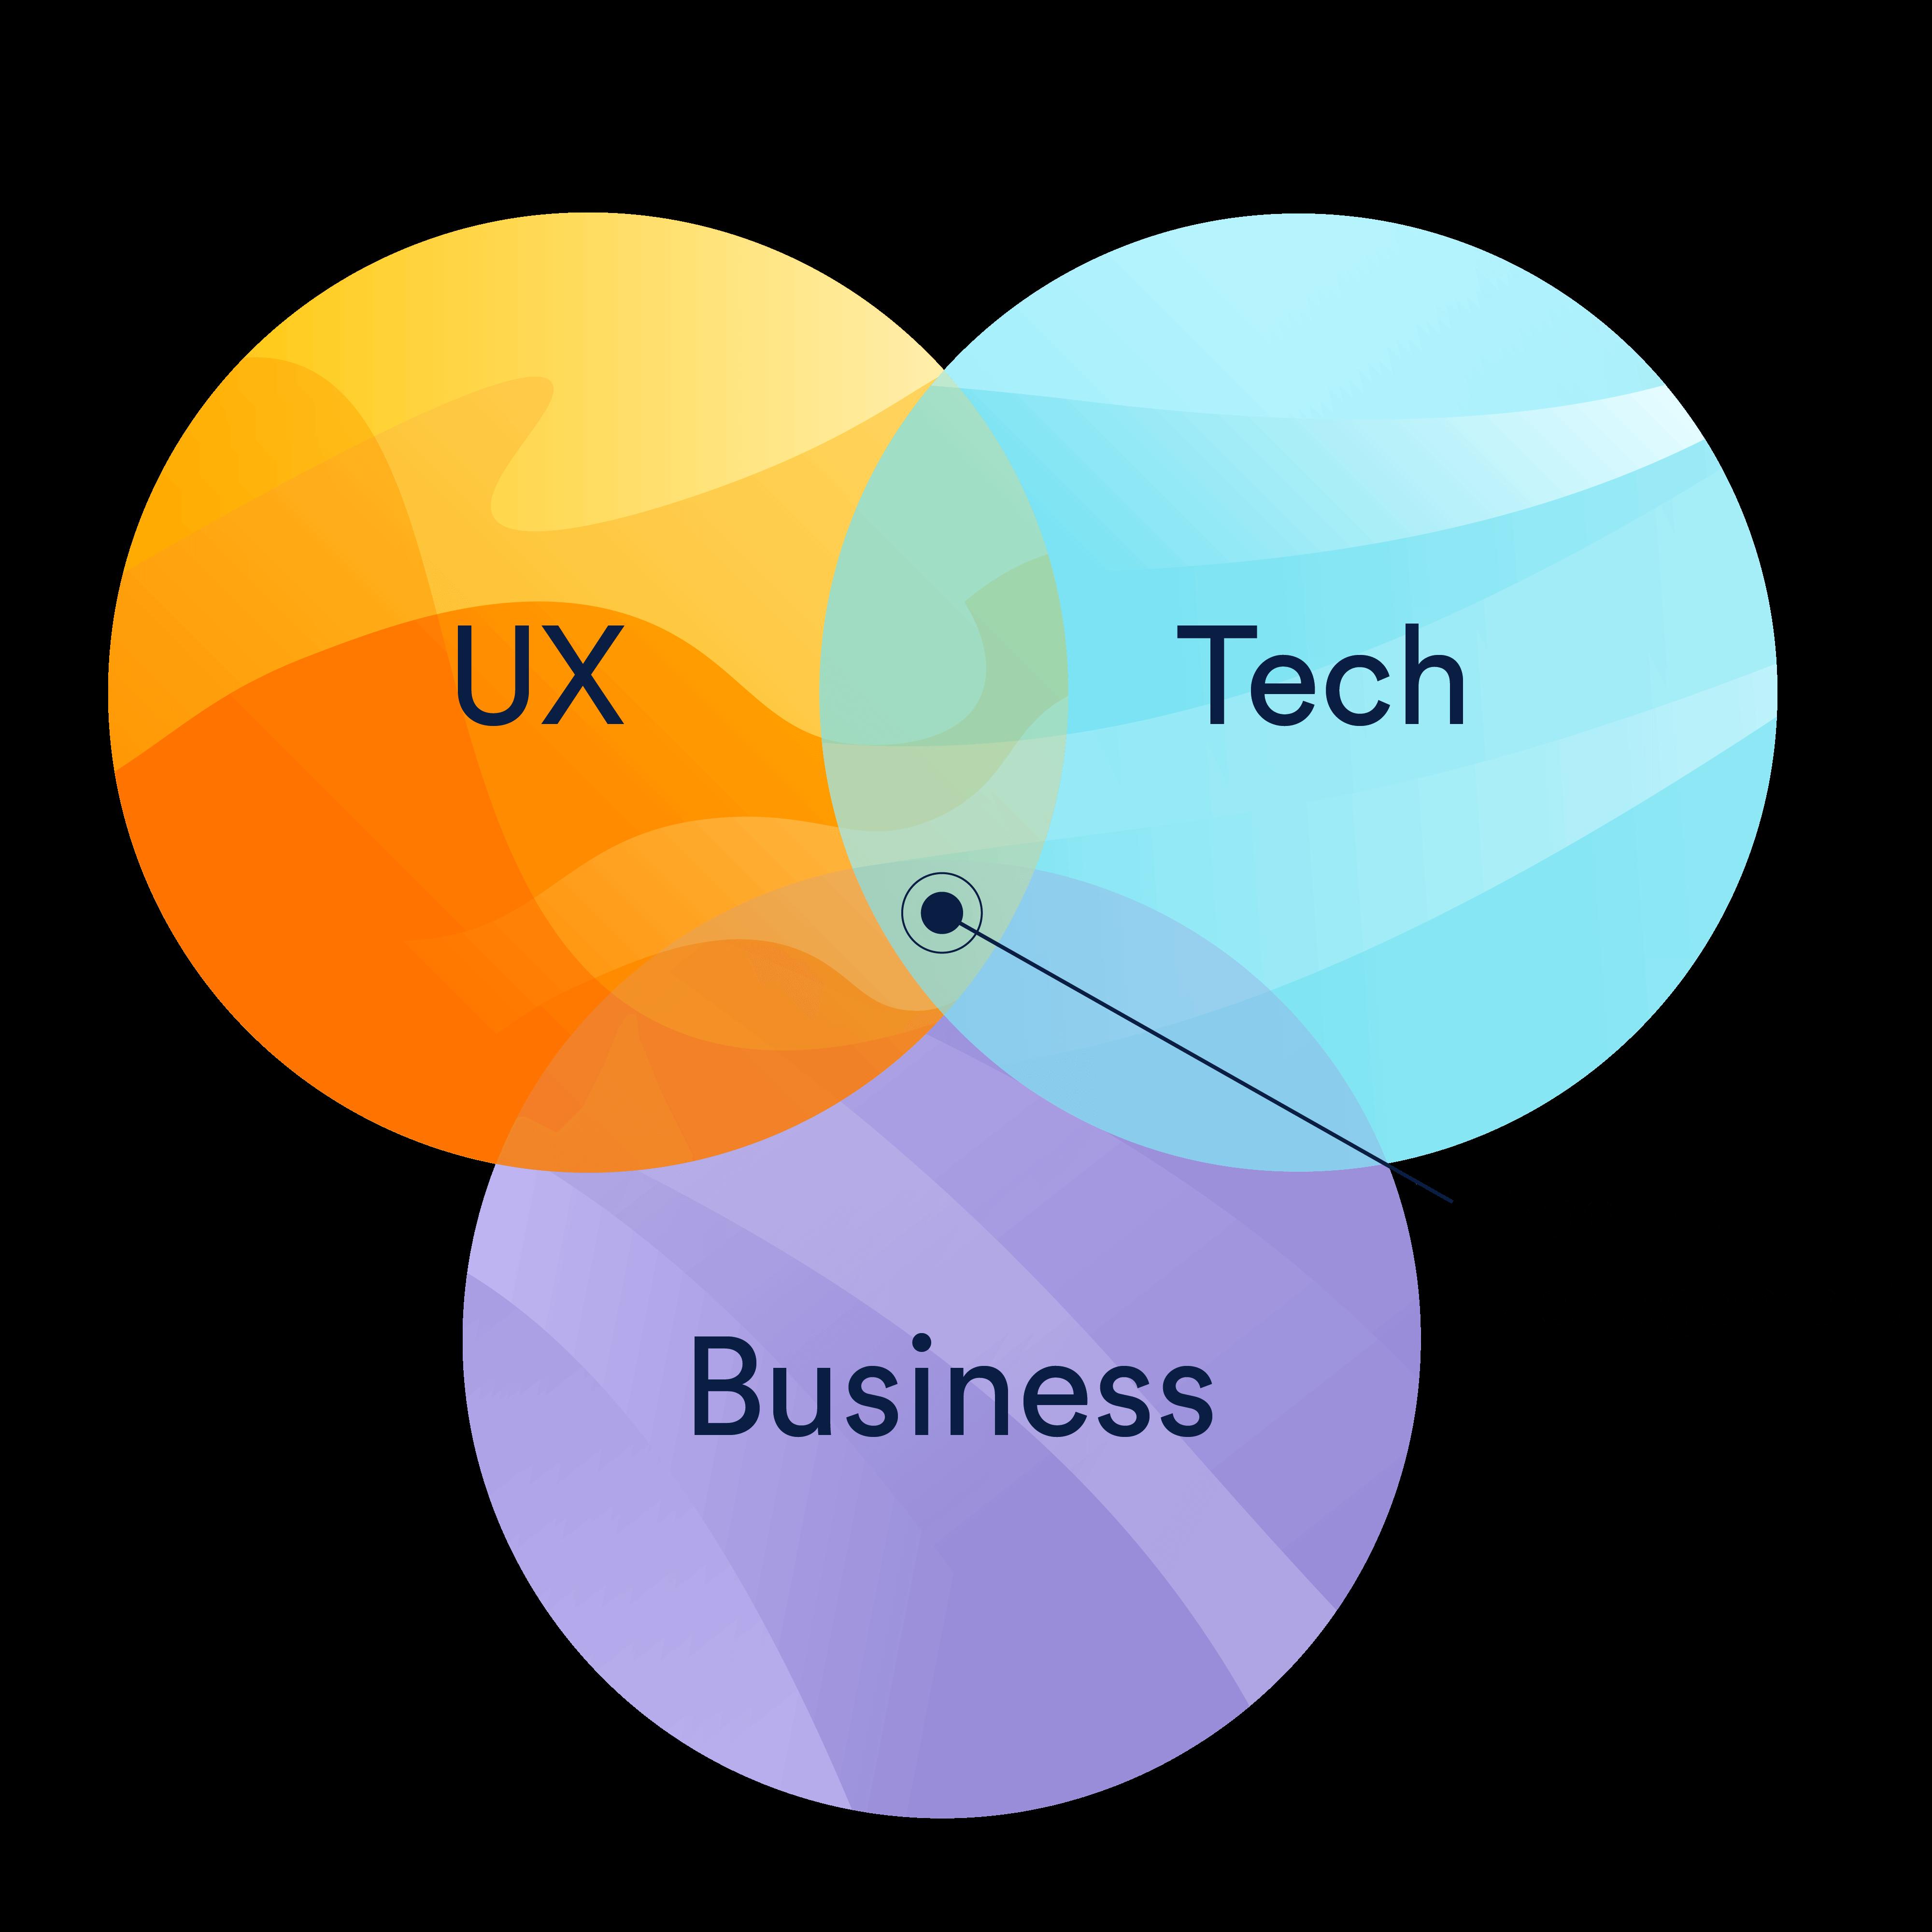 Согласно знаменитому описанию Мартина Эриксона, управление продуктом находится на стыке бизнеса, пользовательского интерфейса и технологий.